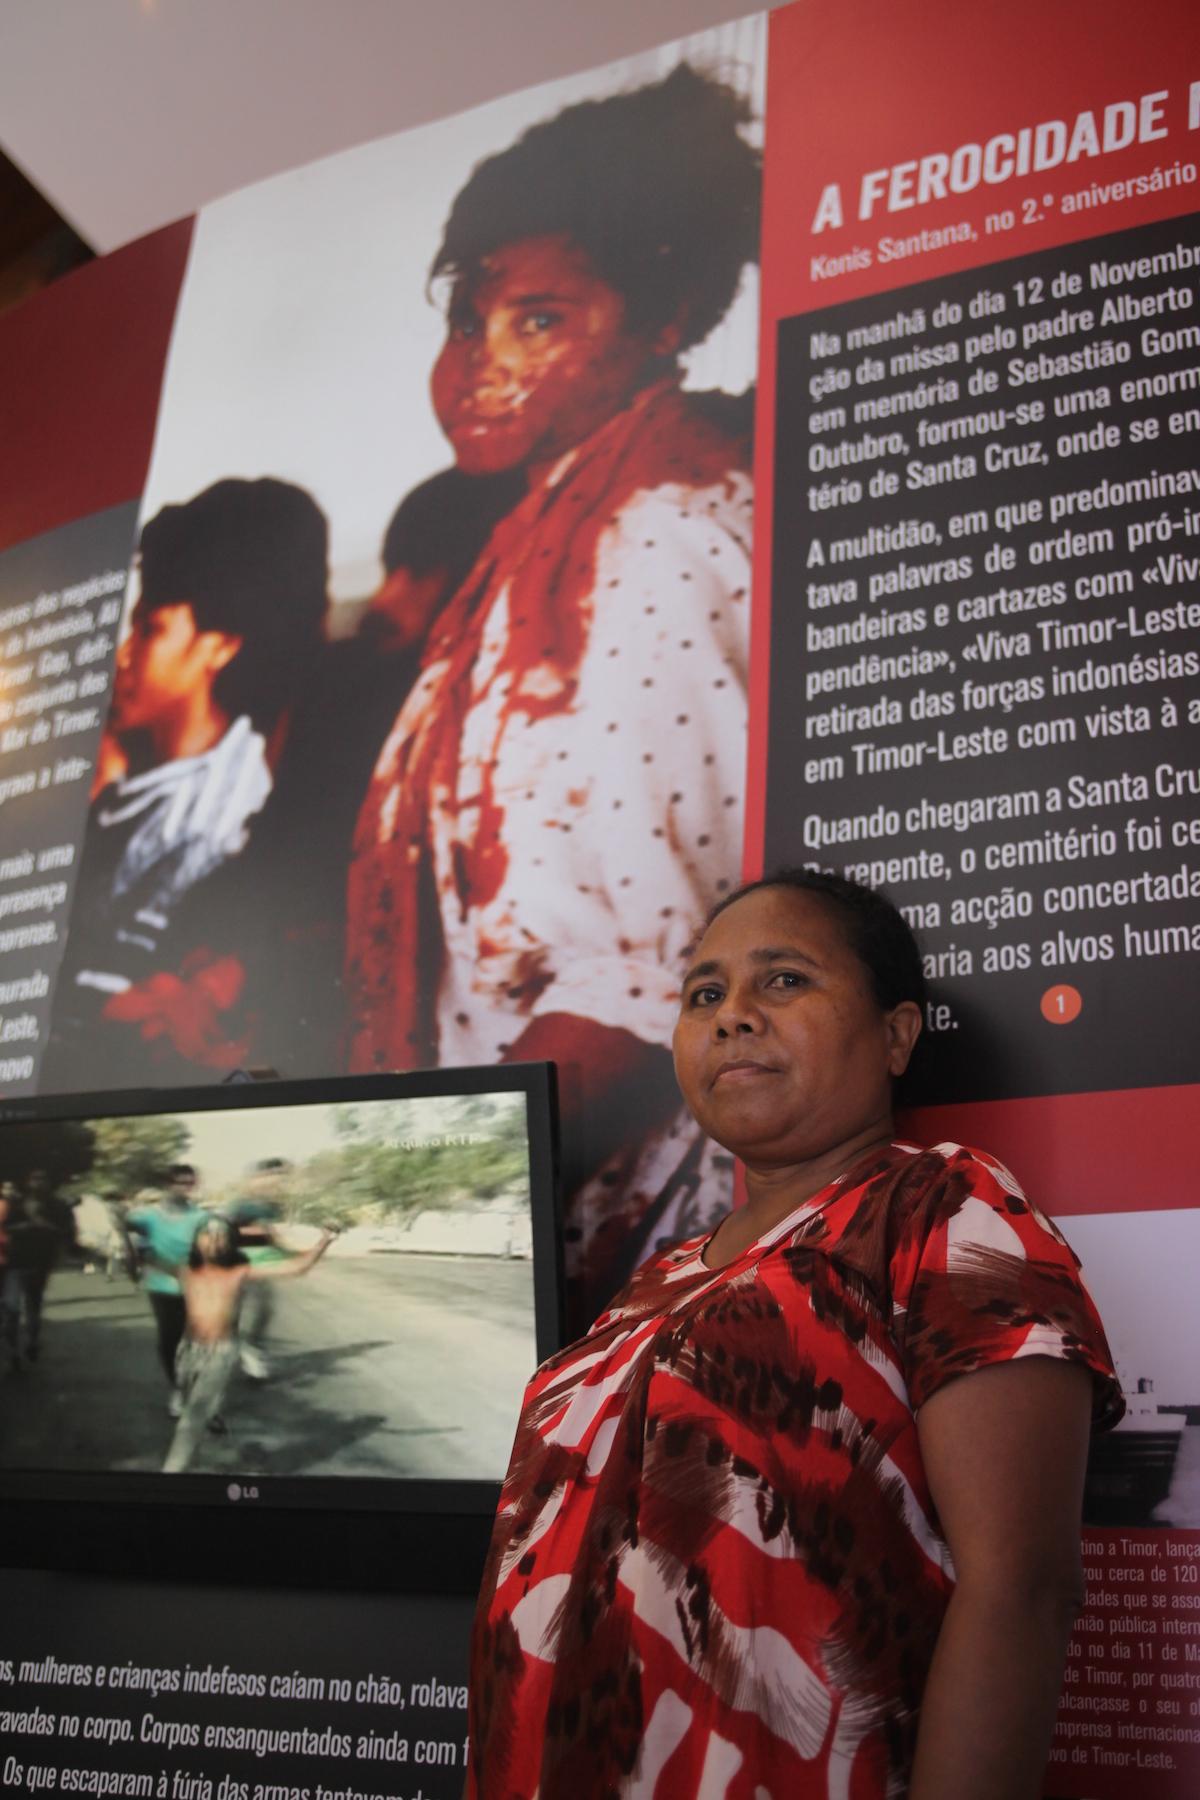 Zeferina dos Santos, sobrevivente do massacre de 12 de novembro de 1991, que levou mais de 250 timorenses (e o neozelandês Kamal Bamadhaj), da ocupação da Indonésia de Timor-Leste, posa junto à imagem dela tirada pelo jornalista inglês Max Stahl, que tornou-se um dos retratos mais poderosos do massacre de Santa Cruz, no Arquivo e Museu da Resistência Timorense (ARMT) em Díli, Timor-Leste, 11 de novembro de 2015. ANTÓNIO SAMPAIO/LUSA